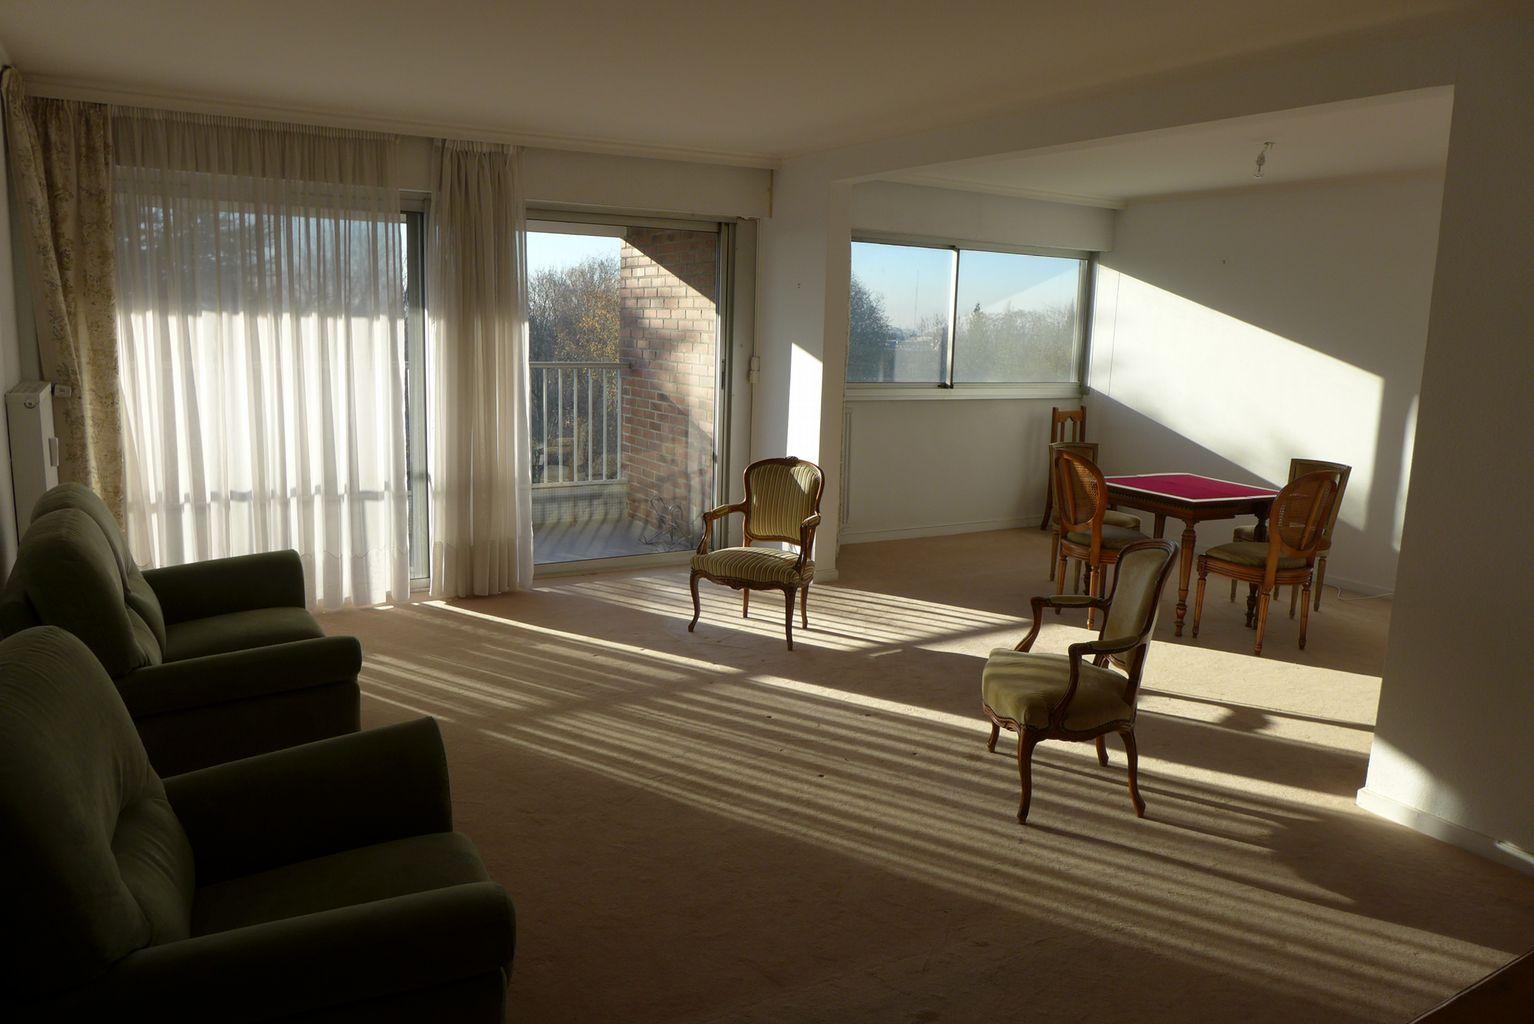 ventes appartement mouvaux appartement t4. Black Bedroom Furniture Sets. Home Design Ideas